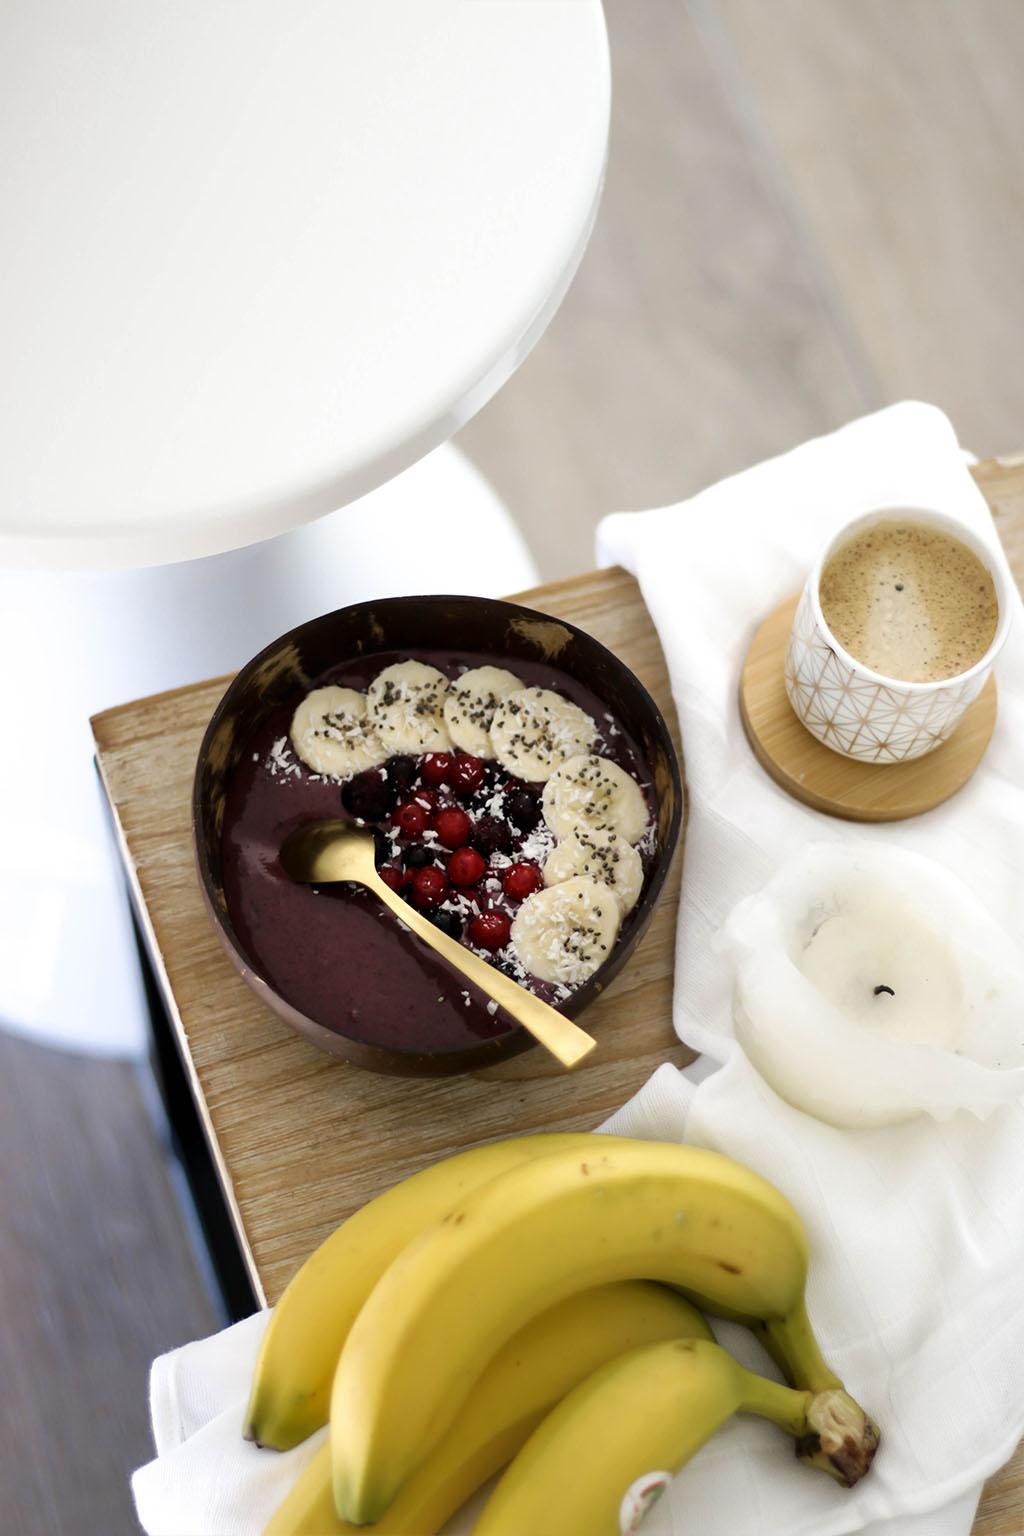 recette d'acai bowl par lepetitmondedelodie